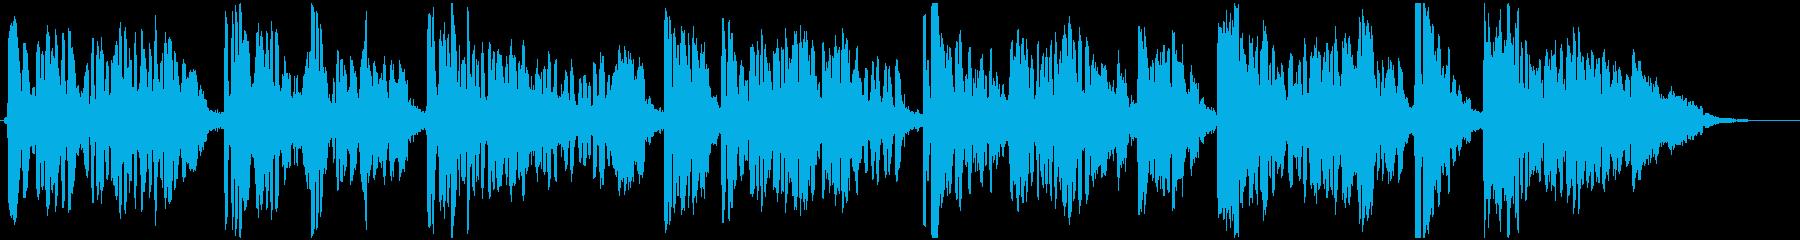 しみじみした雰囲気のジャズBGMの再生済みの波形